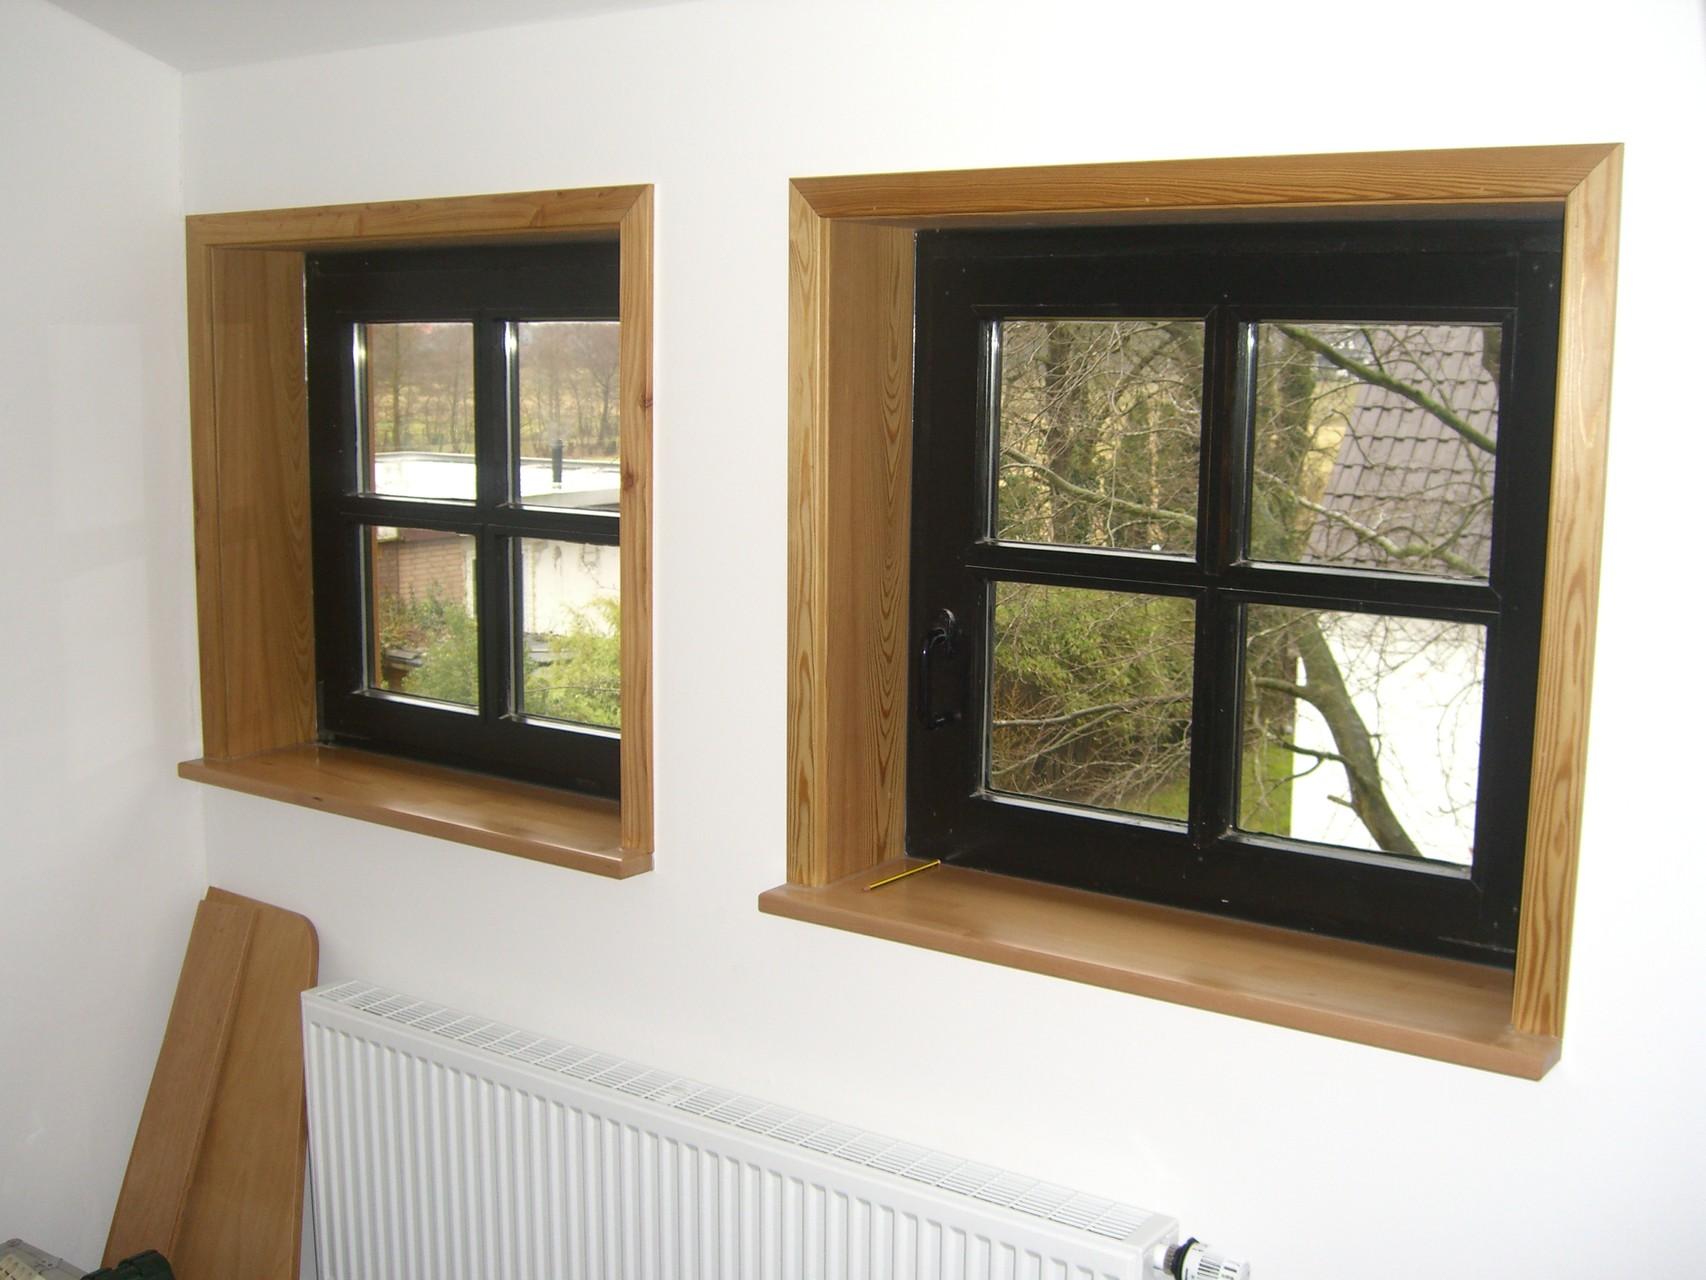 Fenster mit Futter und Bekleidung